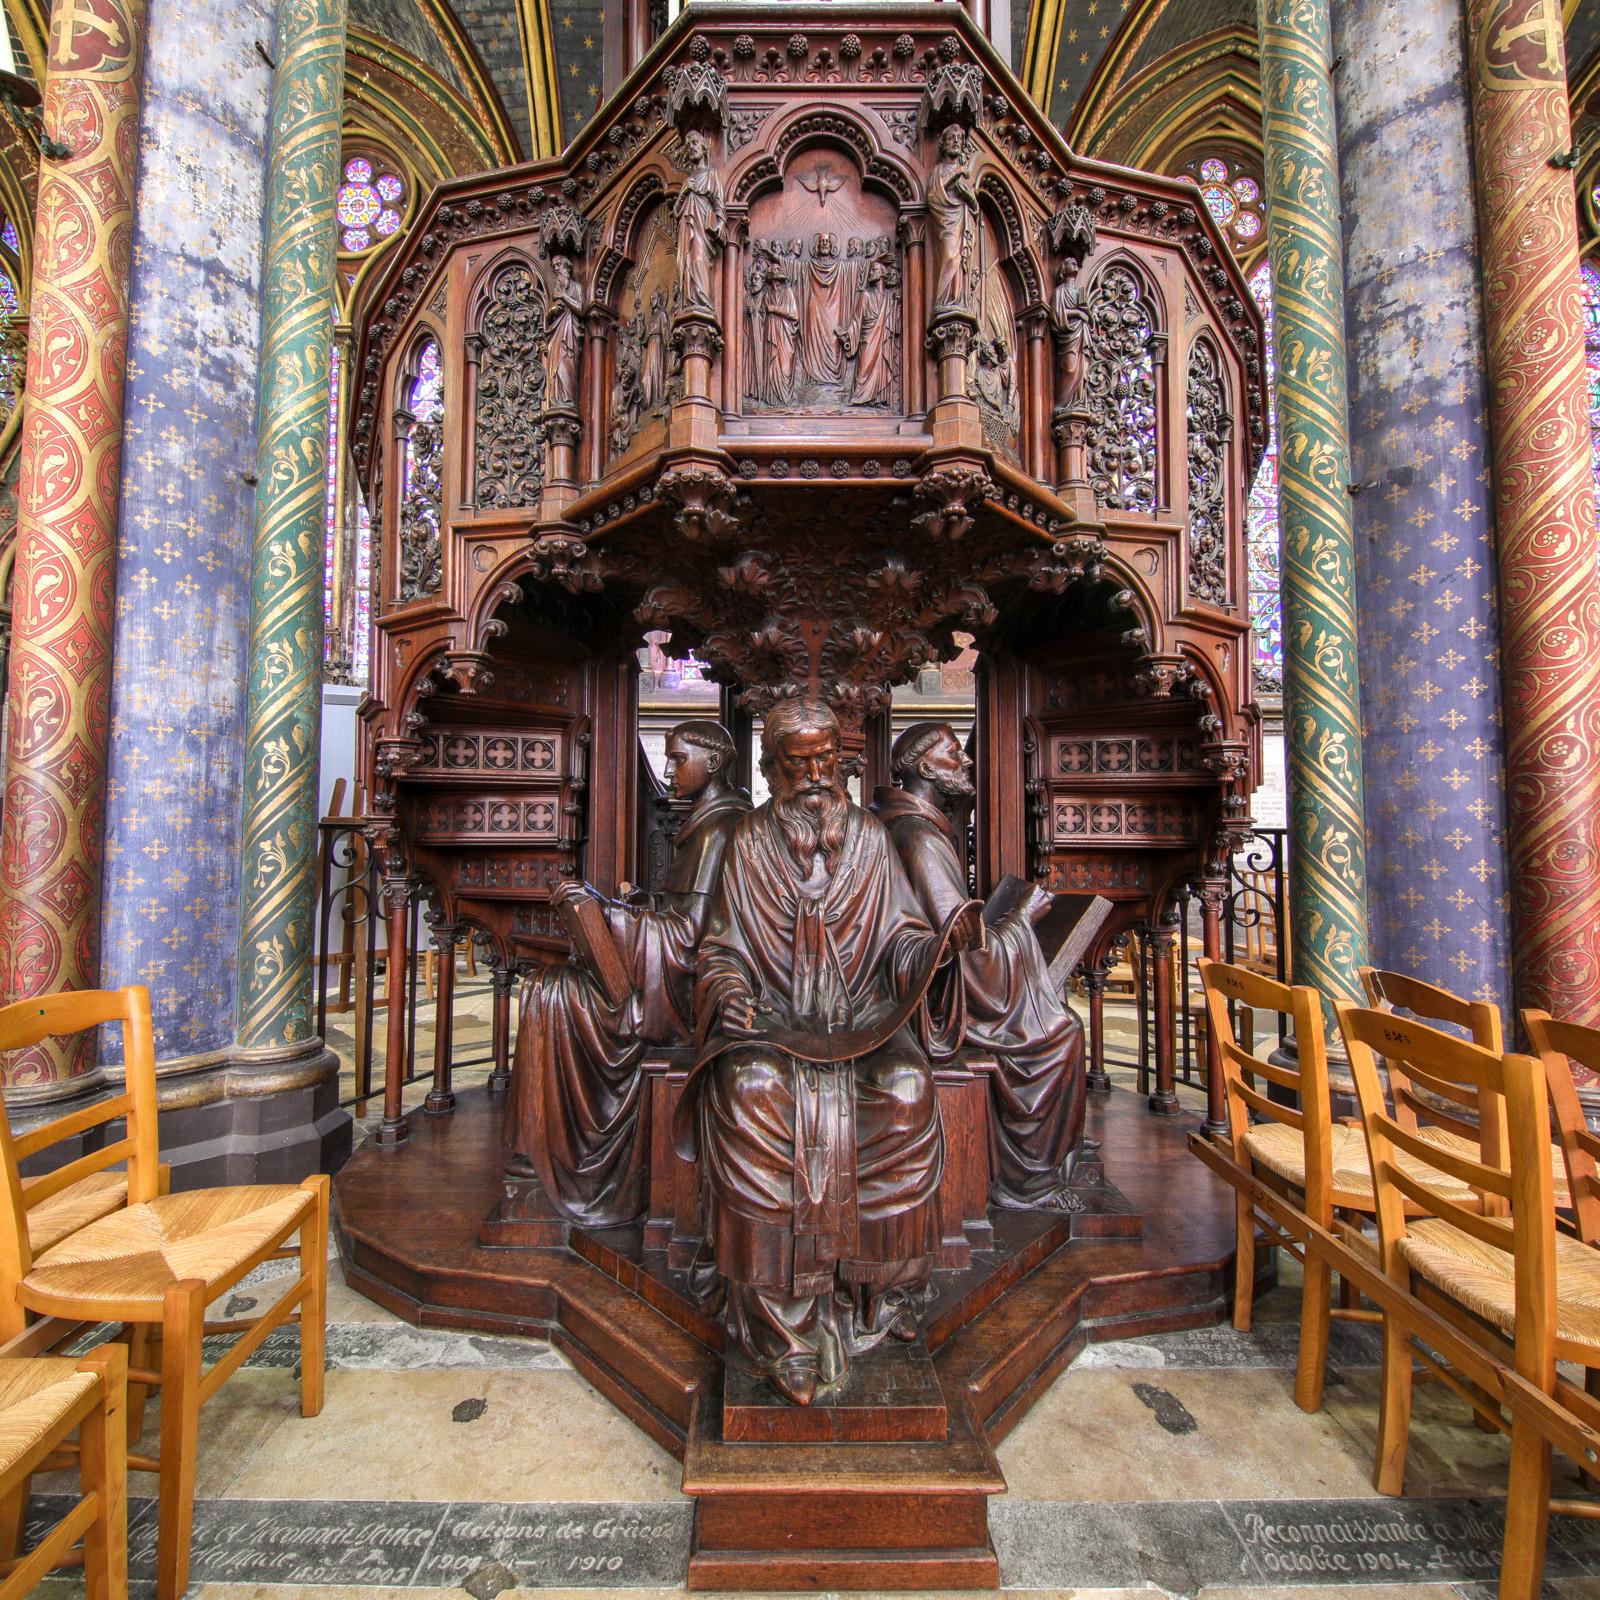 Chaire soutenue par les statues de quatre docteurs de l'Église : saints Irénée, Thomas d'Aquin, Bernard et Hilaire